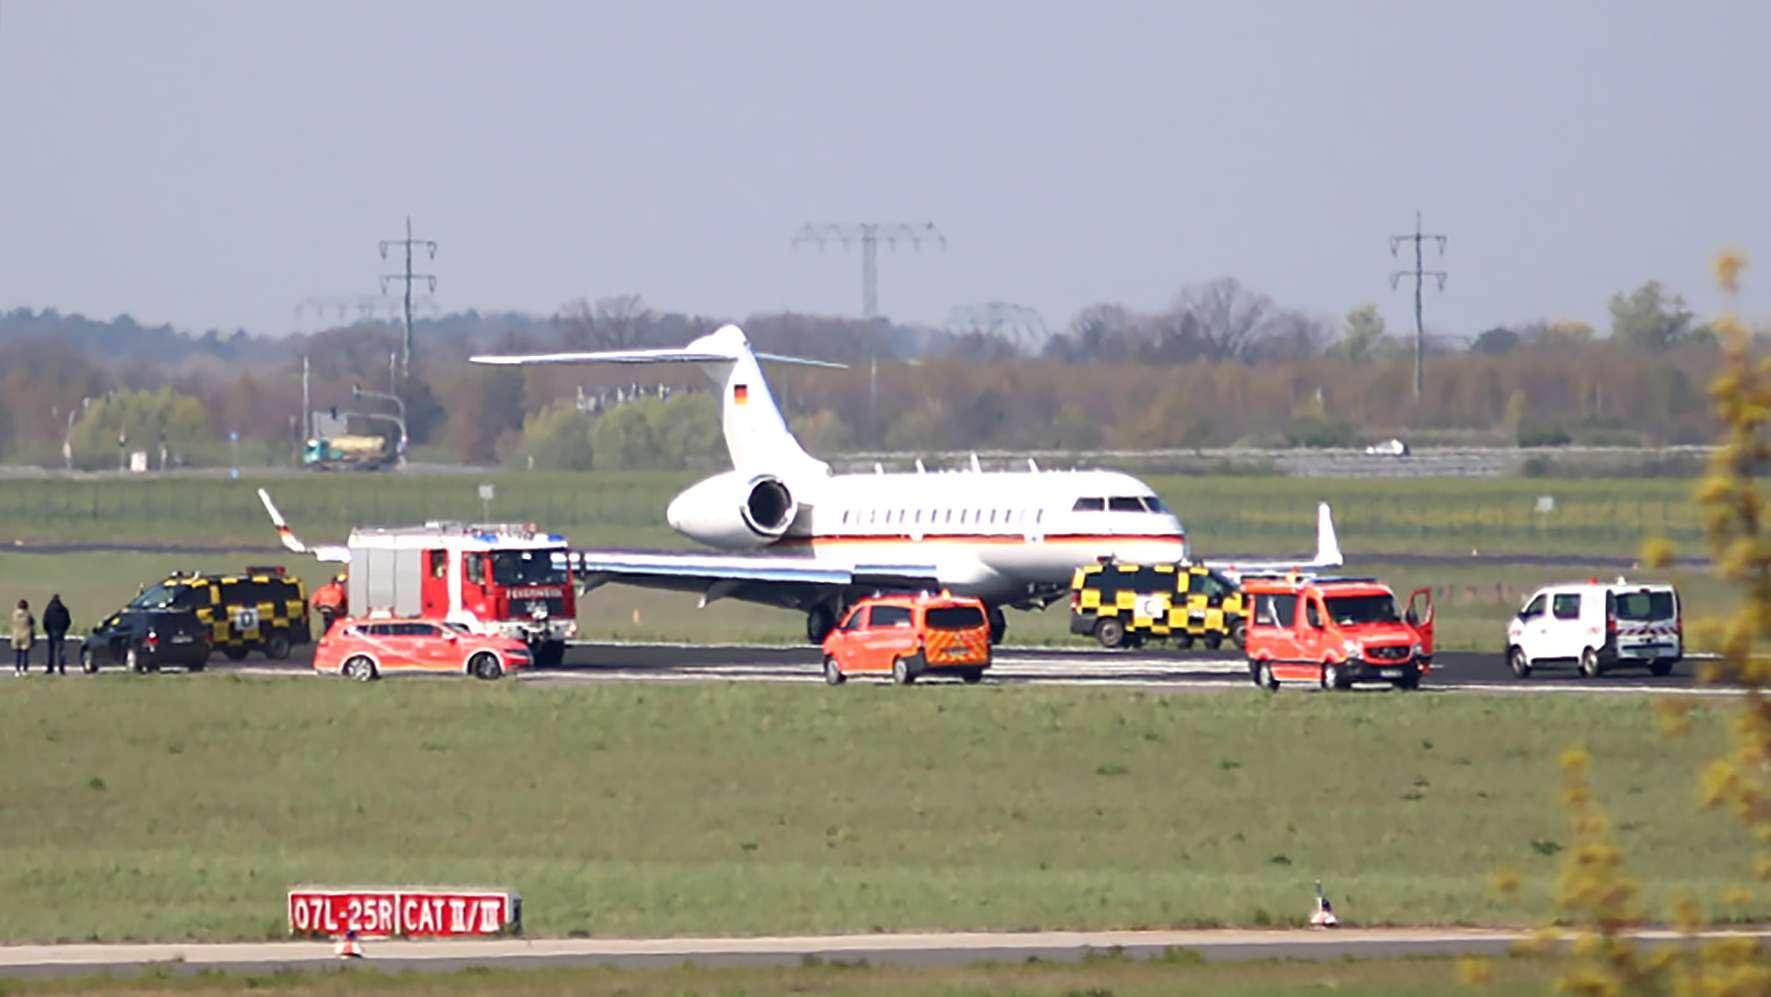 Beinahe-Unglück: Zwischenfall mit Regierungsflieger in Berlin